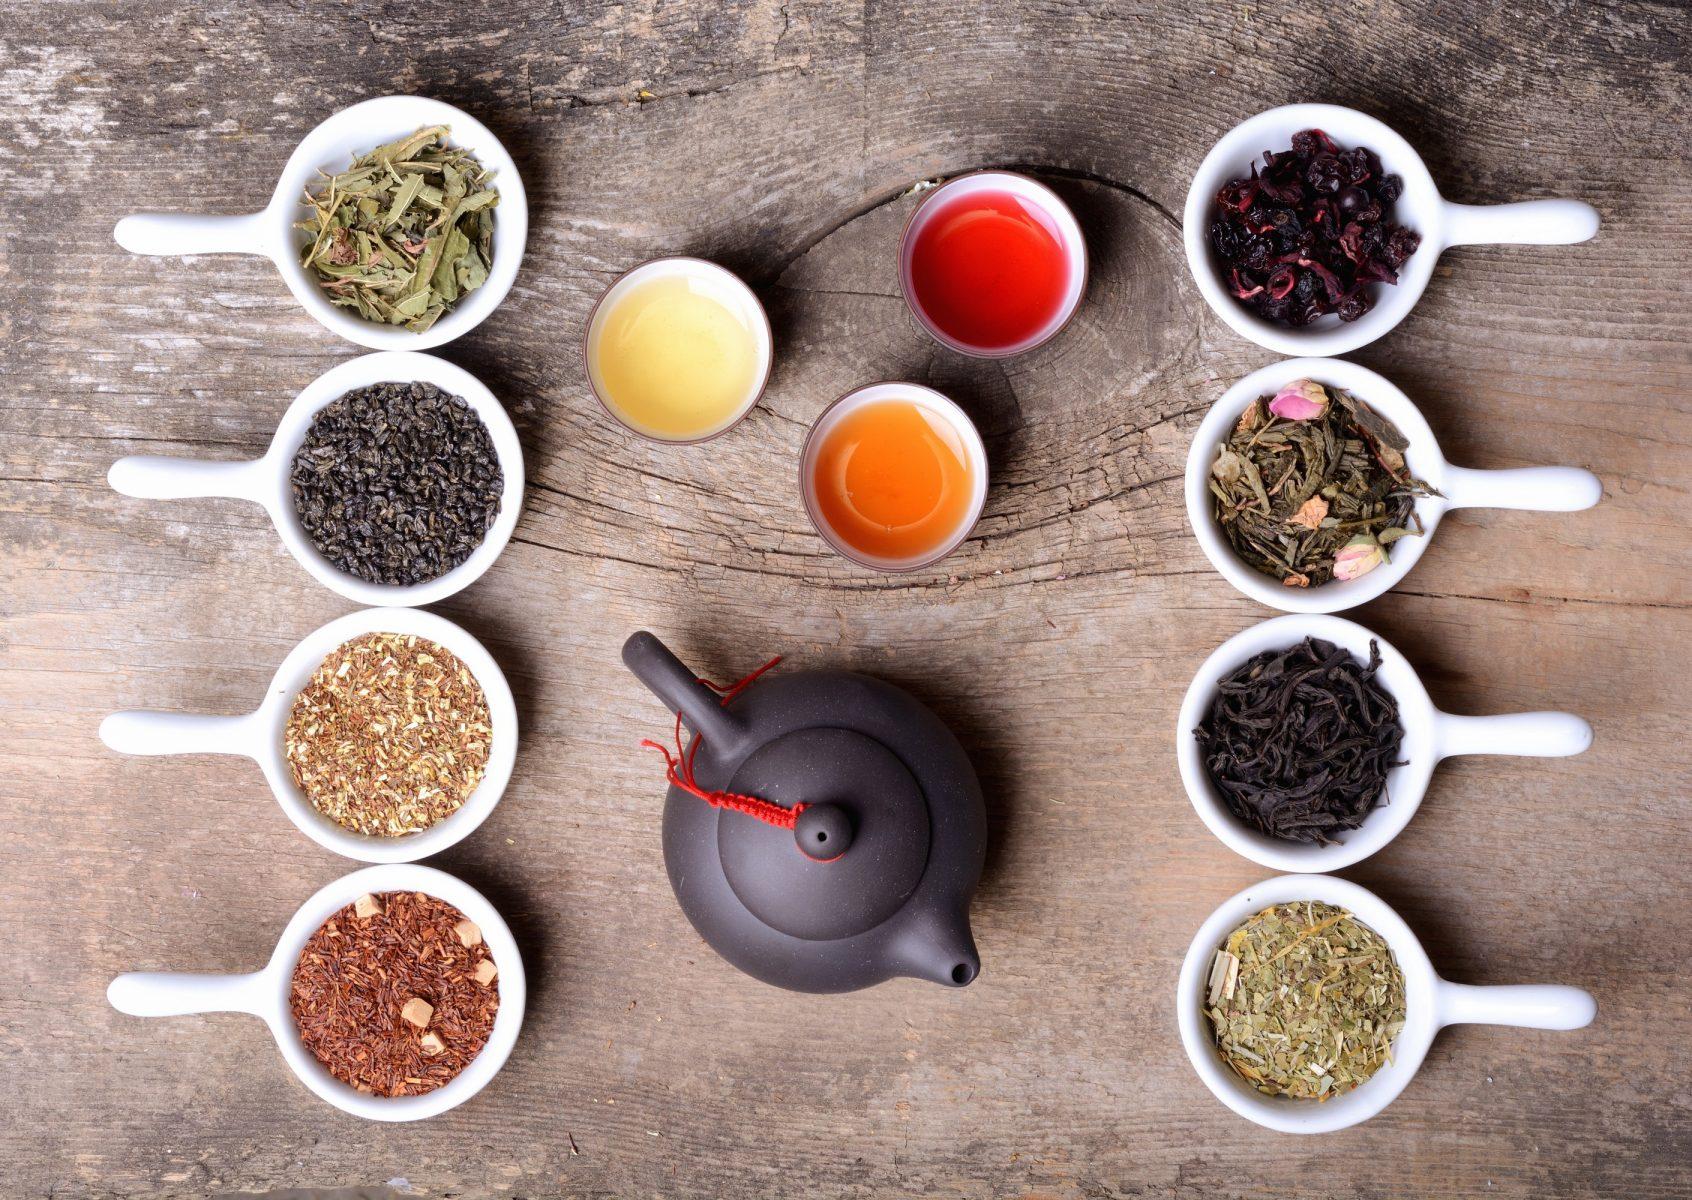 herbal tea in chicago break rooms